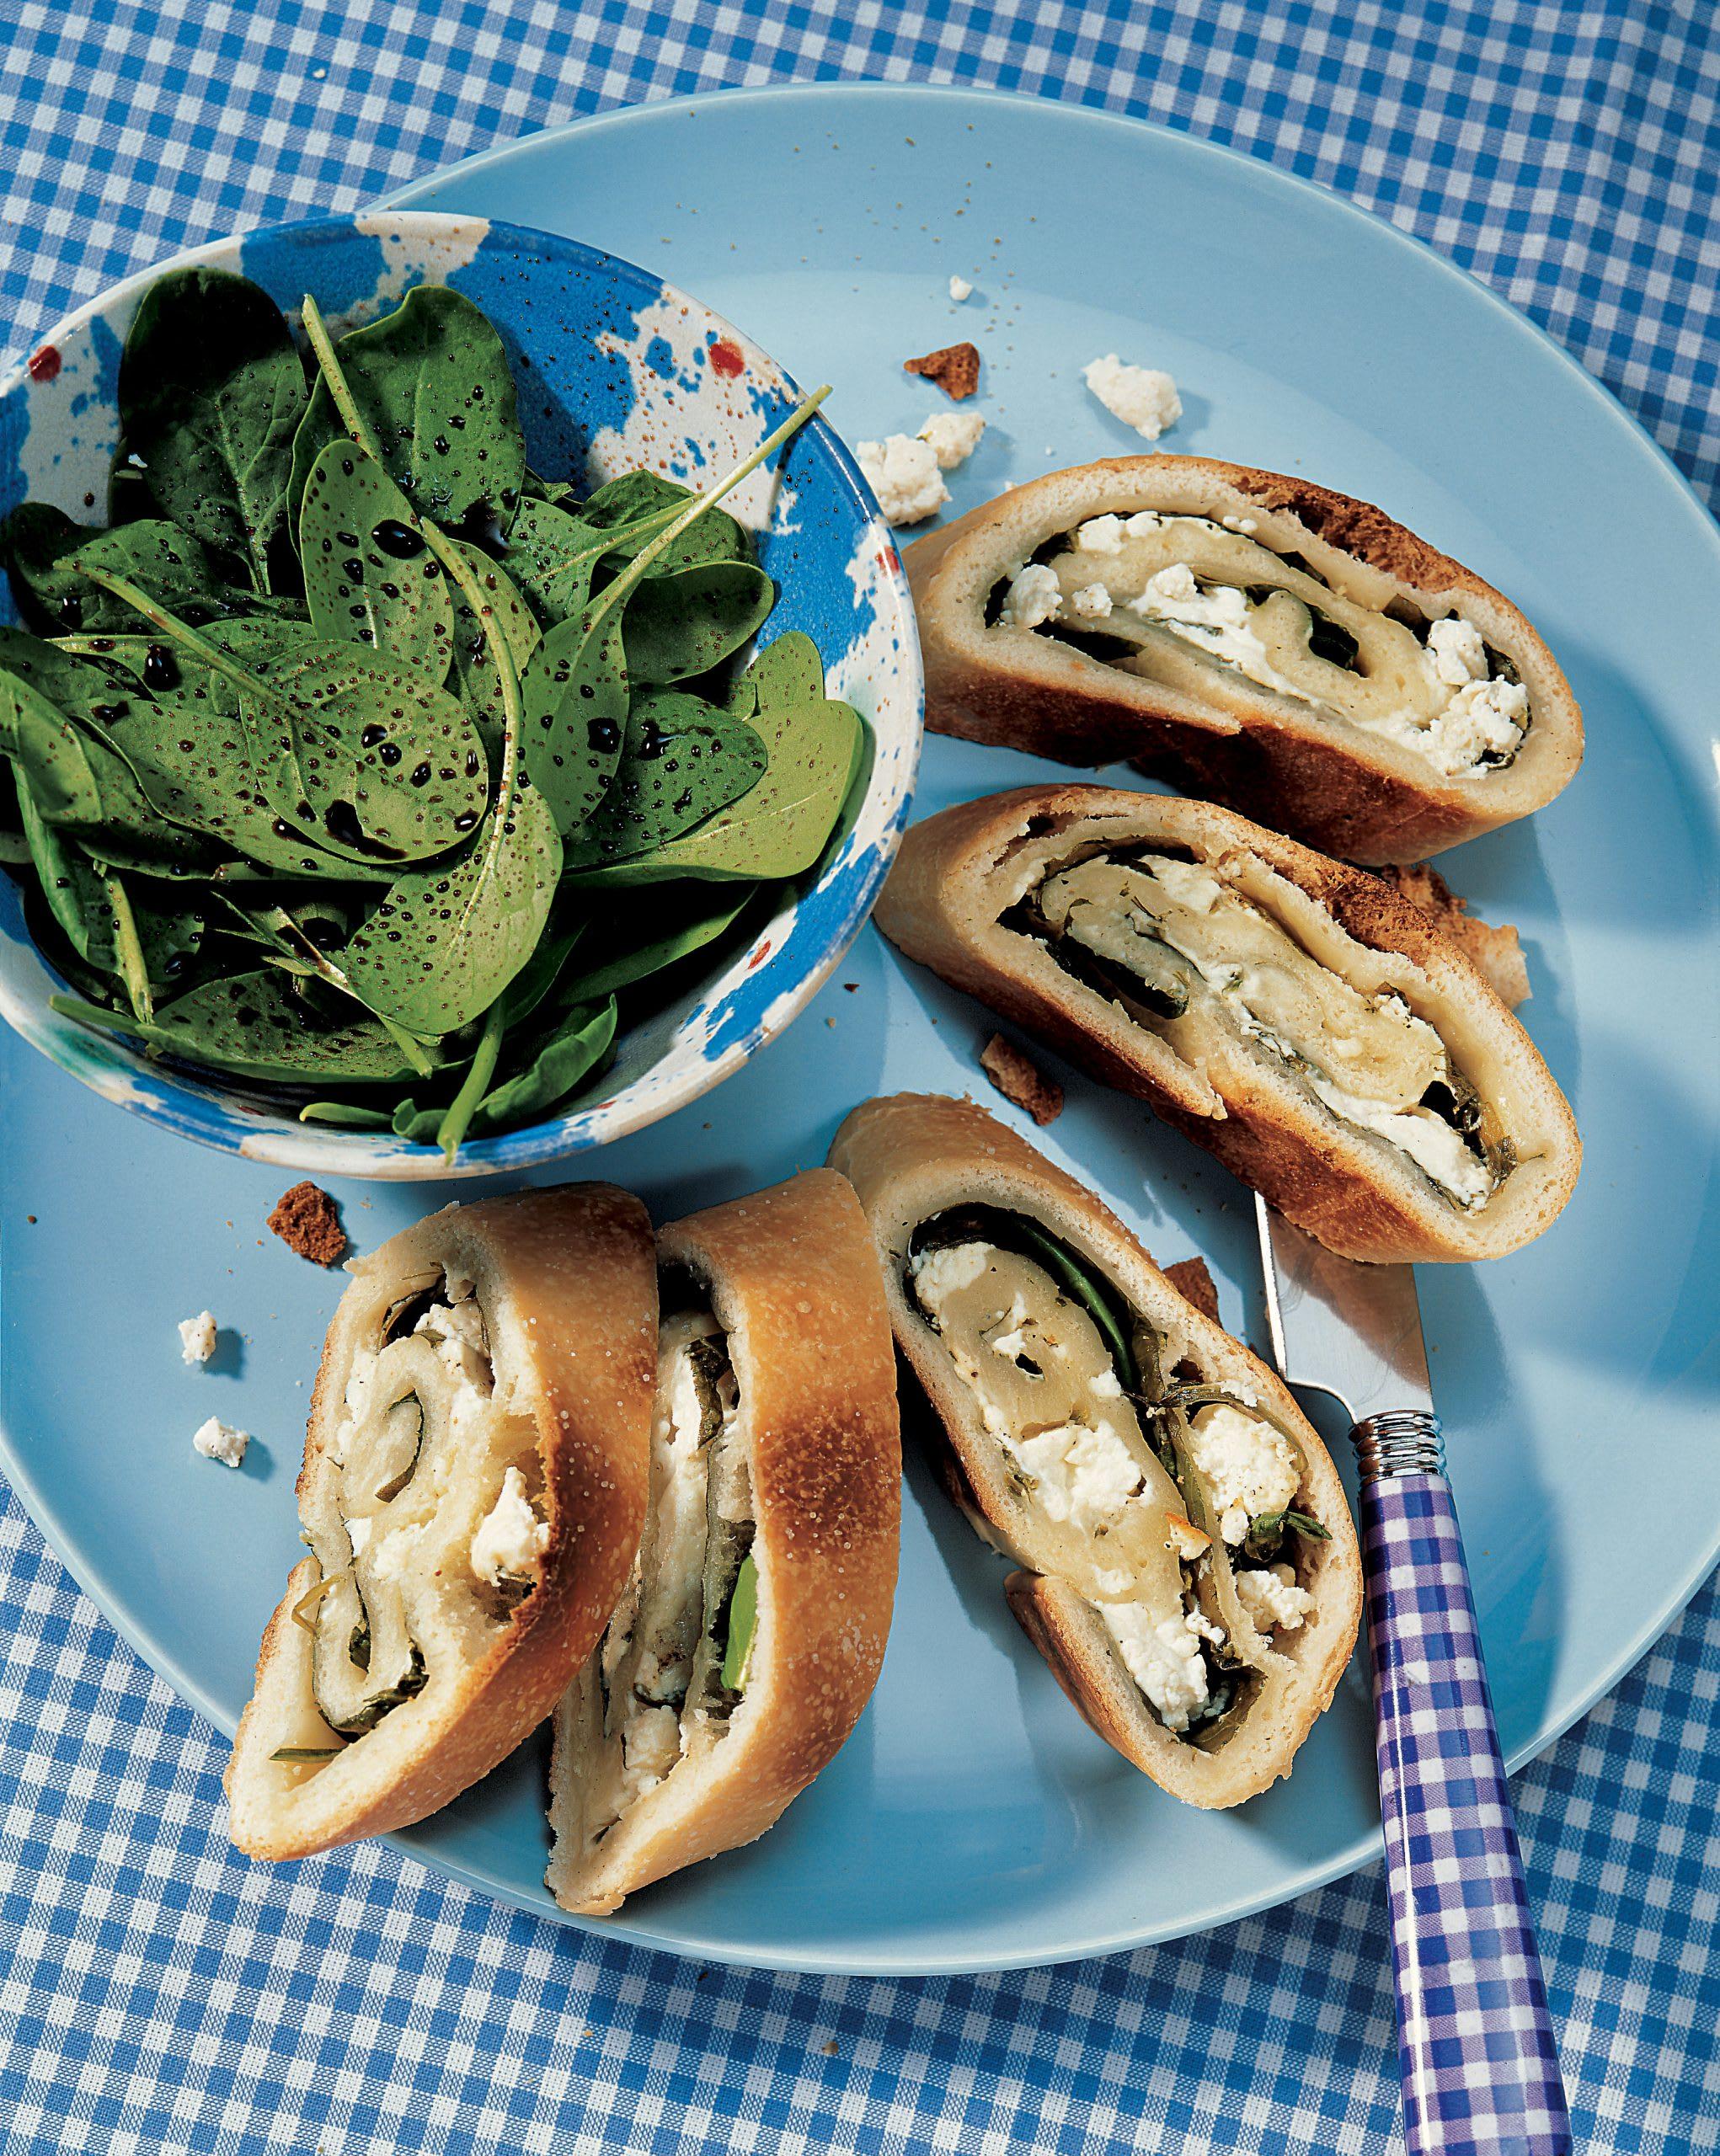 Roulade d'épinards au fromage frais et salade de pousses d'épinards